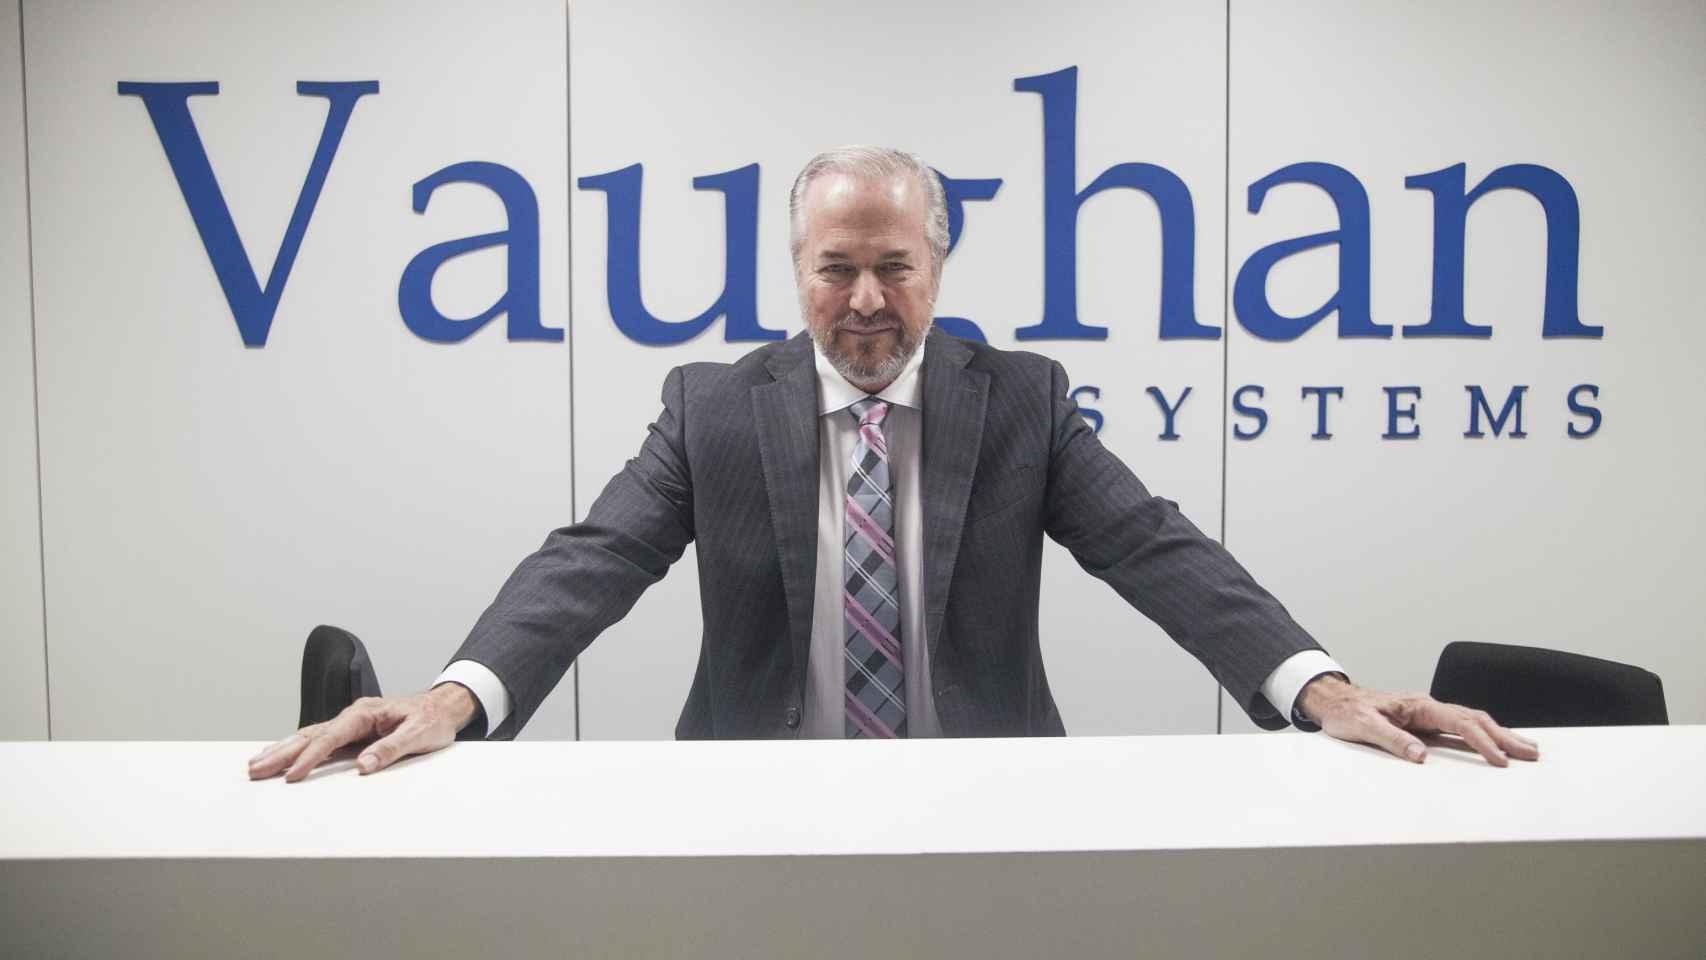 Richard Vaughan uno de los profesores de inglés más mediáticos.